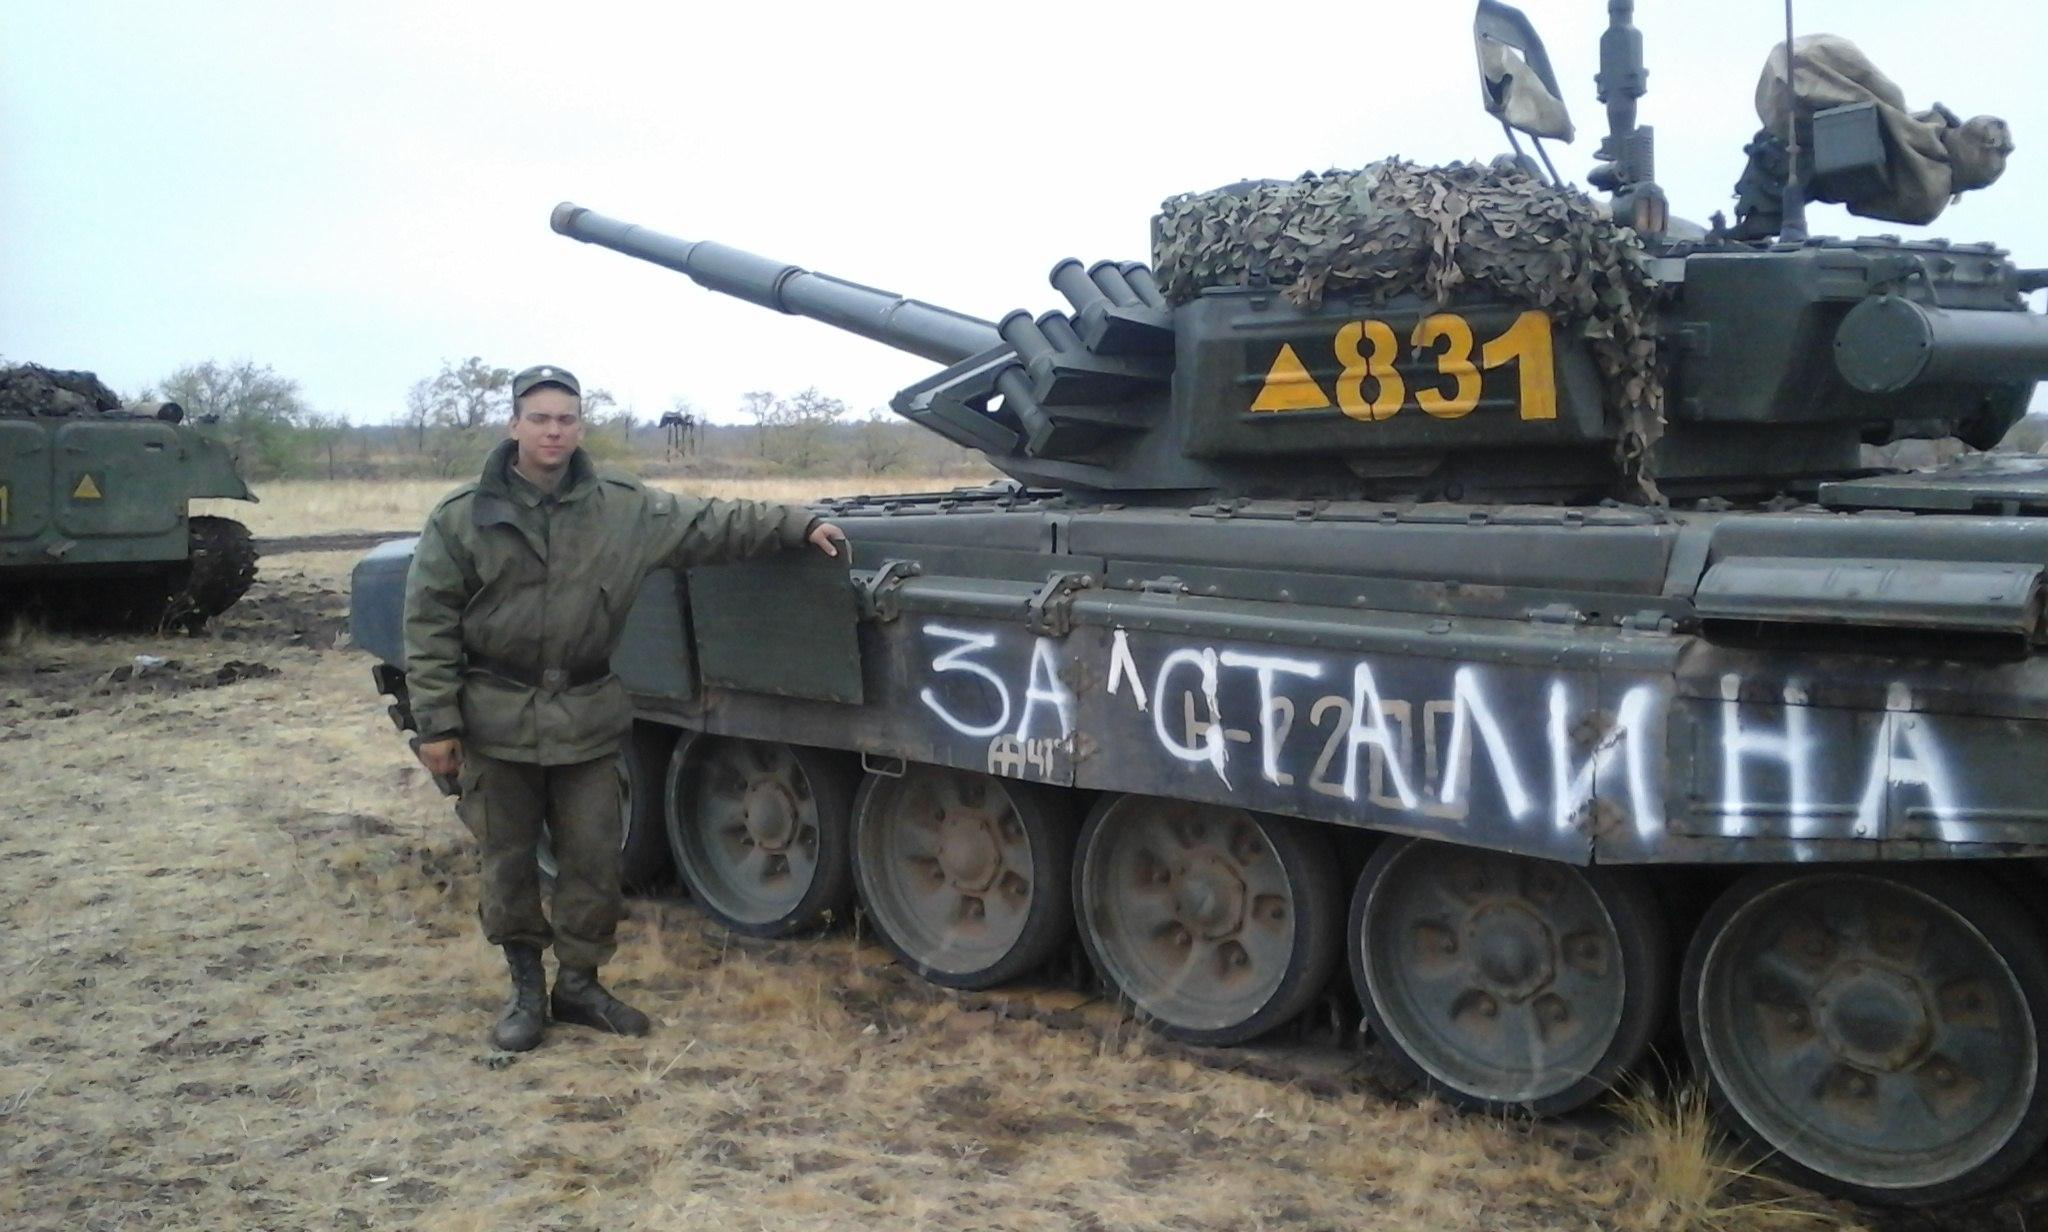 Угроза активной наступательной операции со стороны РФ сохраняется